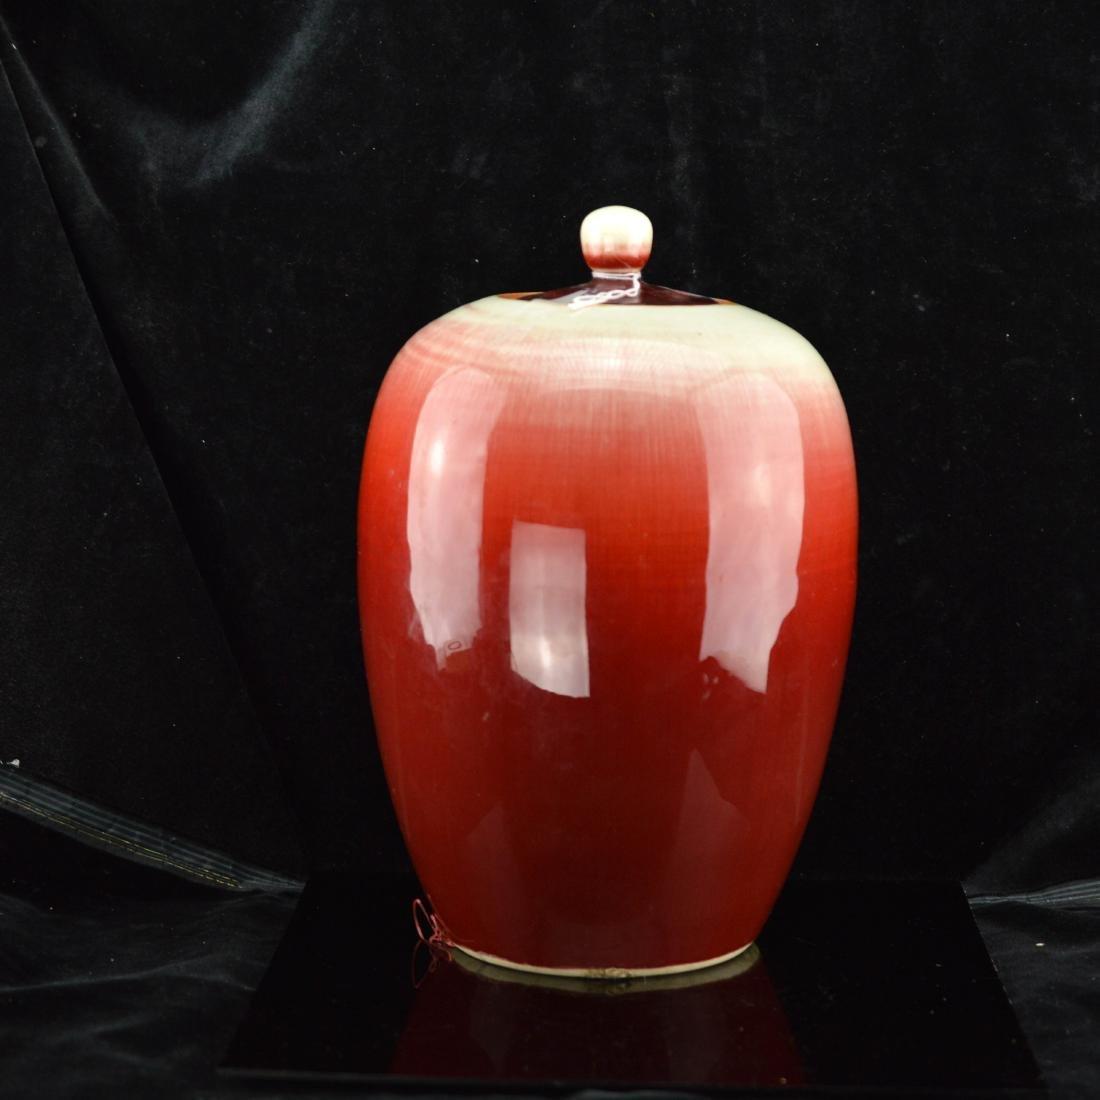 Red Porcelain Jar